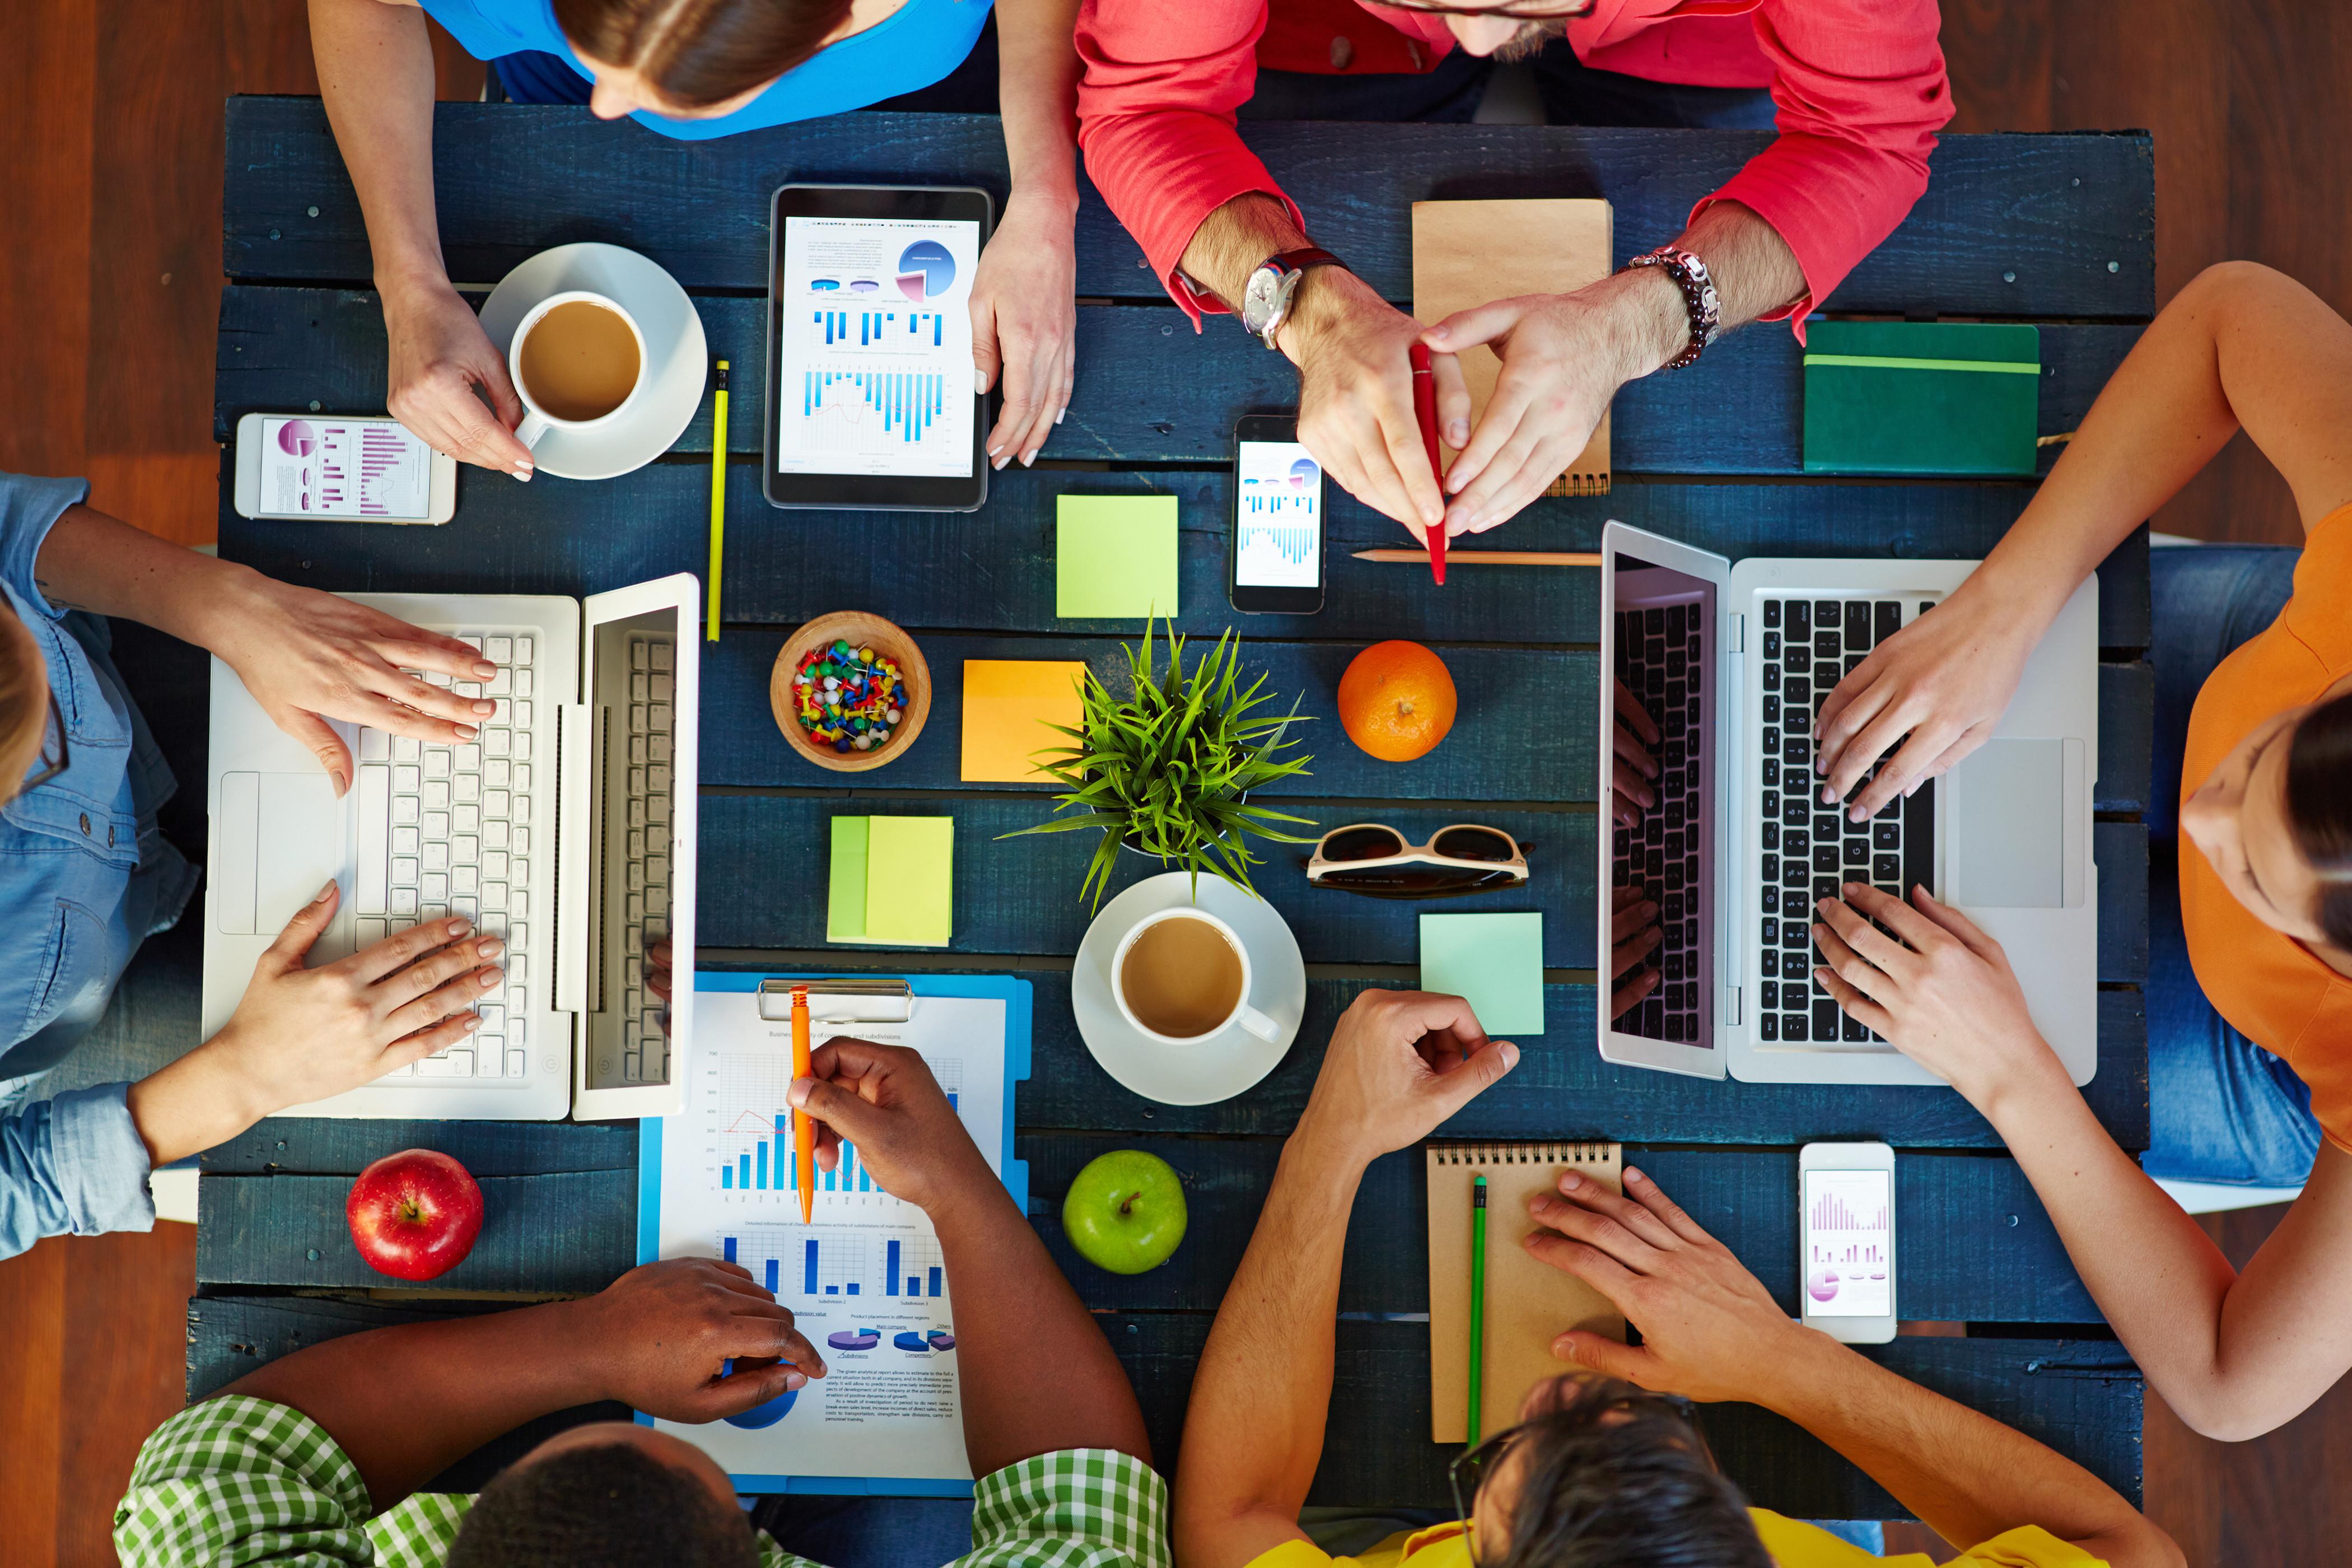 herramientas-y-consejos-para-la-formación-de-equipos-colaborativos